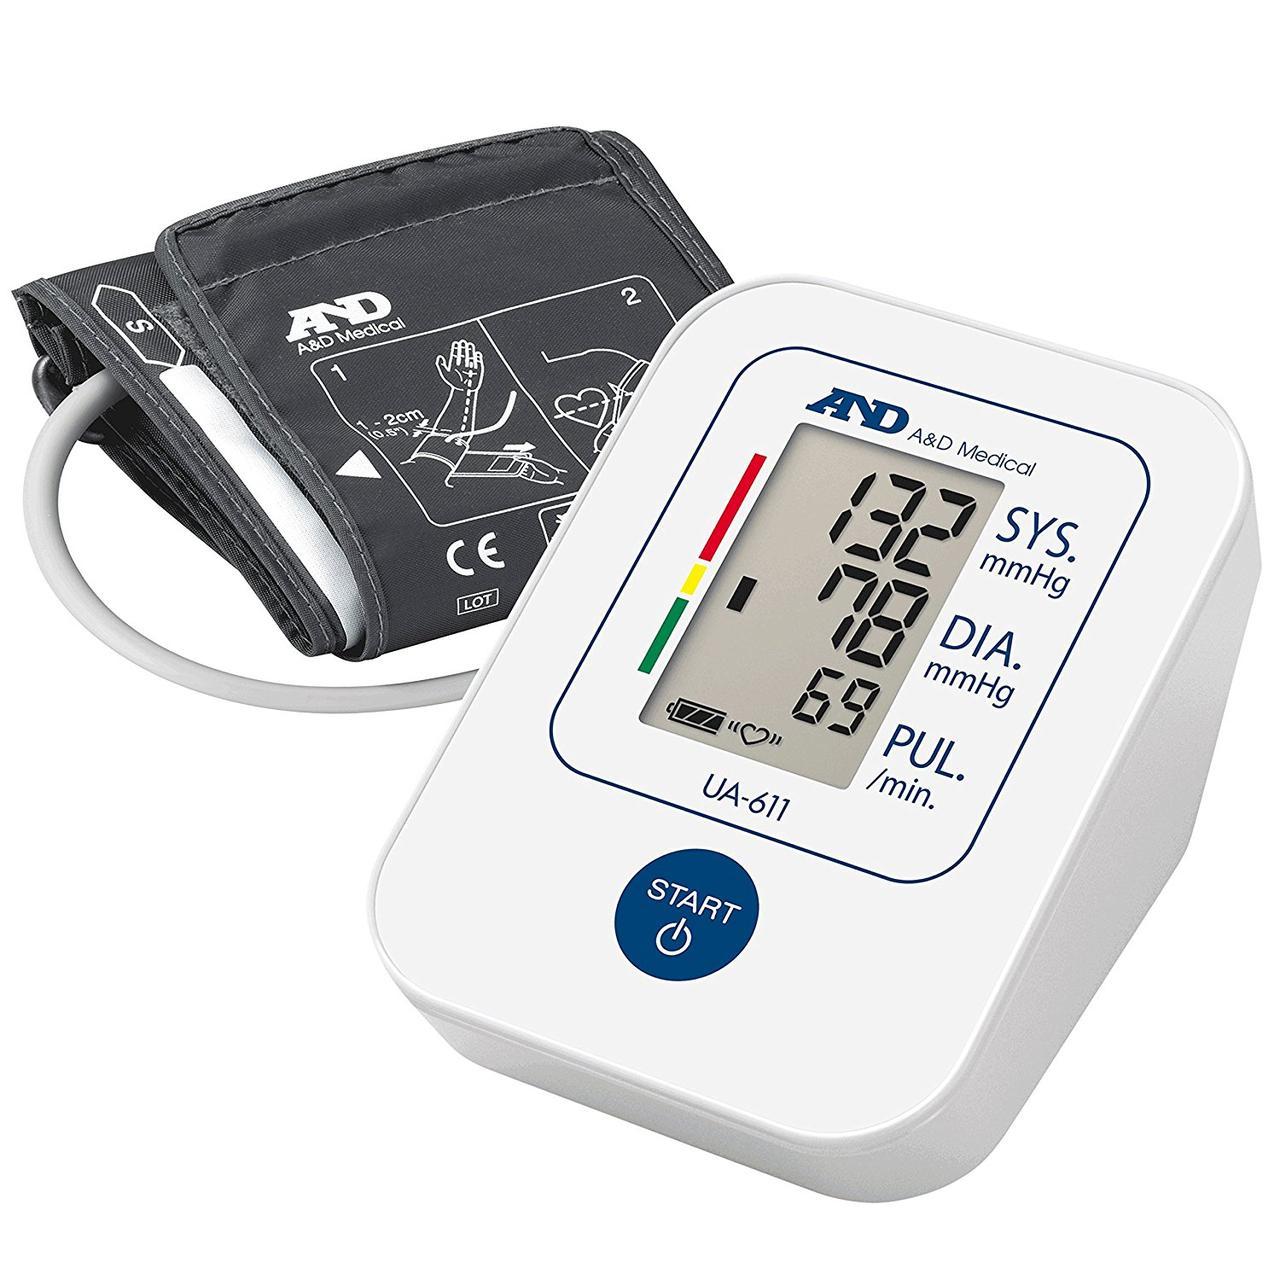 Тонометр автоматический AND UA-611 на плечо со стандартной манжетой 22-32 см, индикатором аритмии, Япония